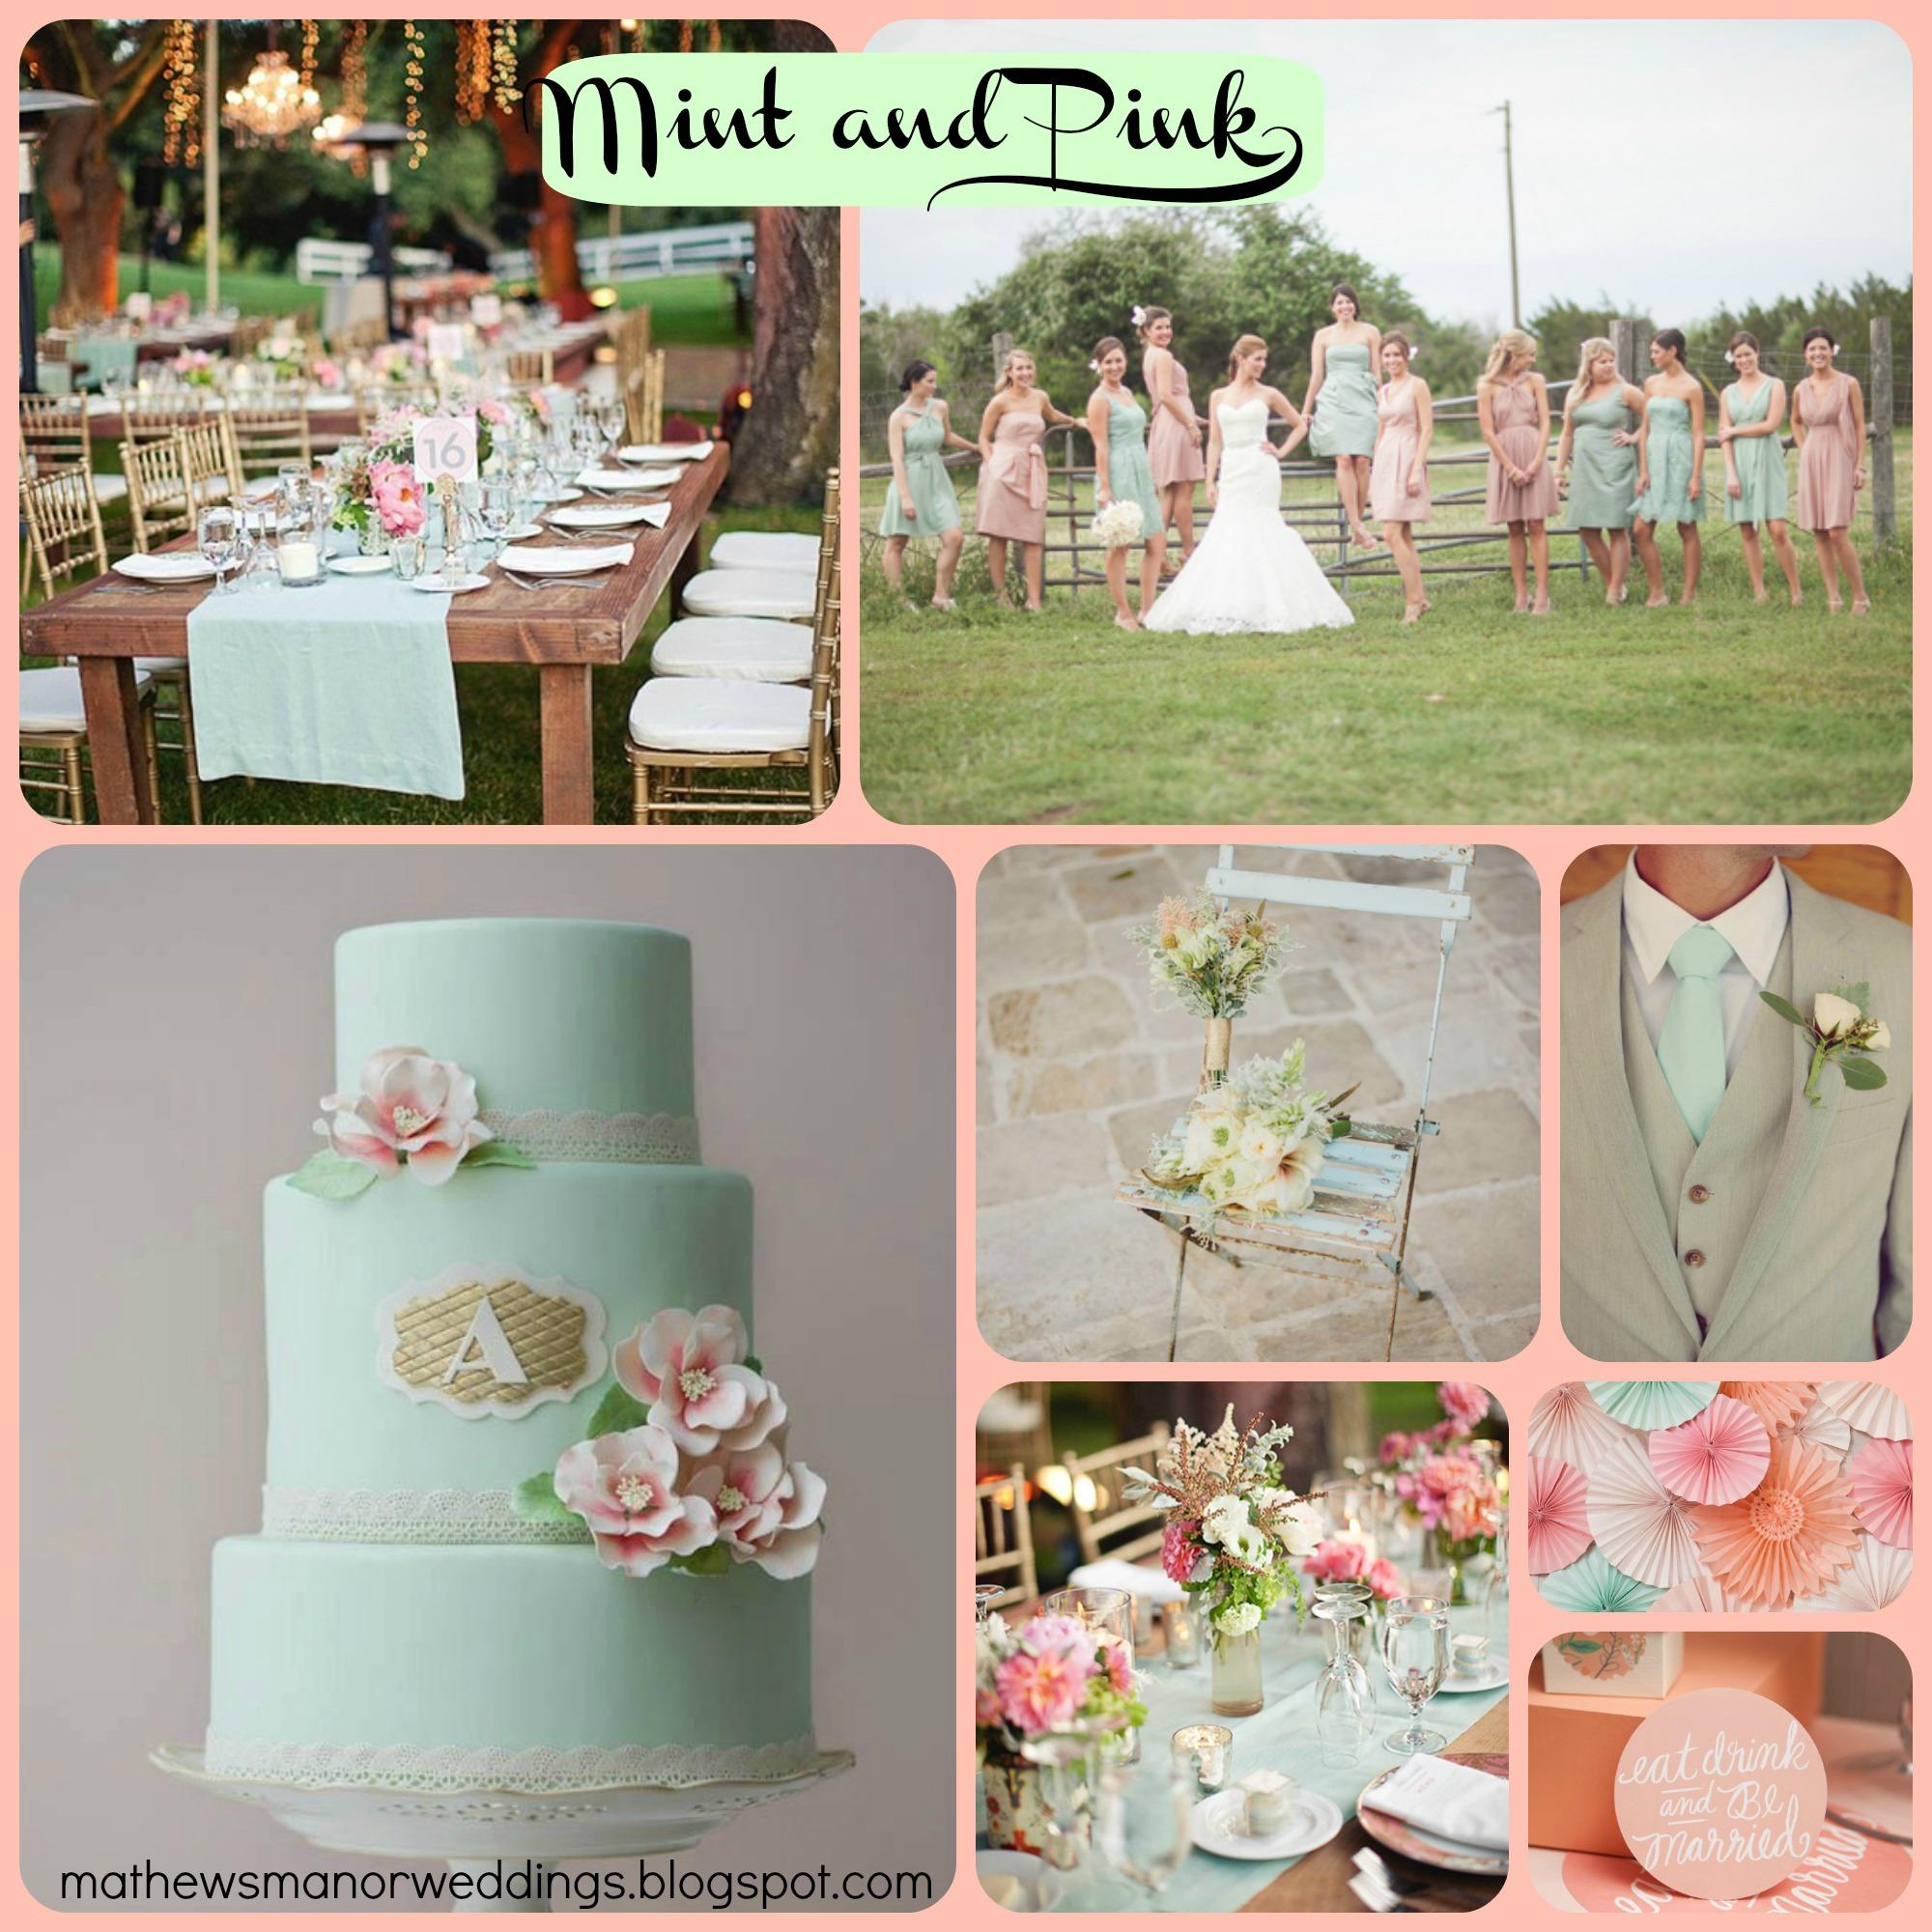 Wedding Color Ideas Summer: Summer Wedding Color Trends